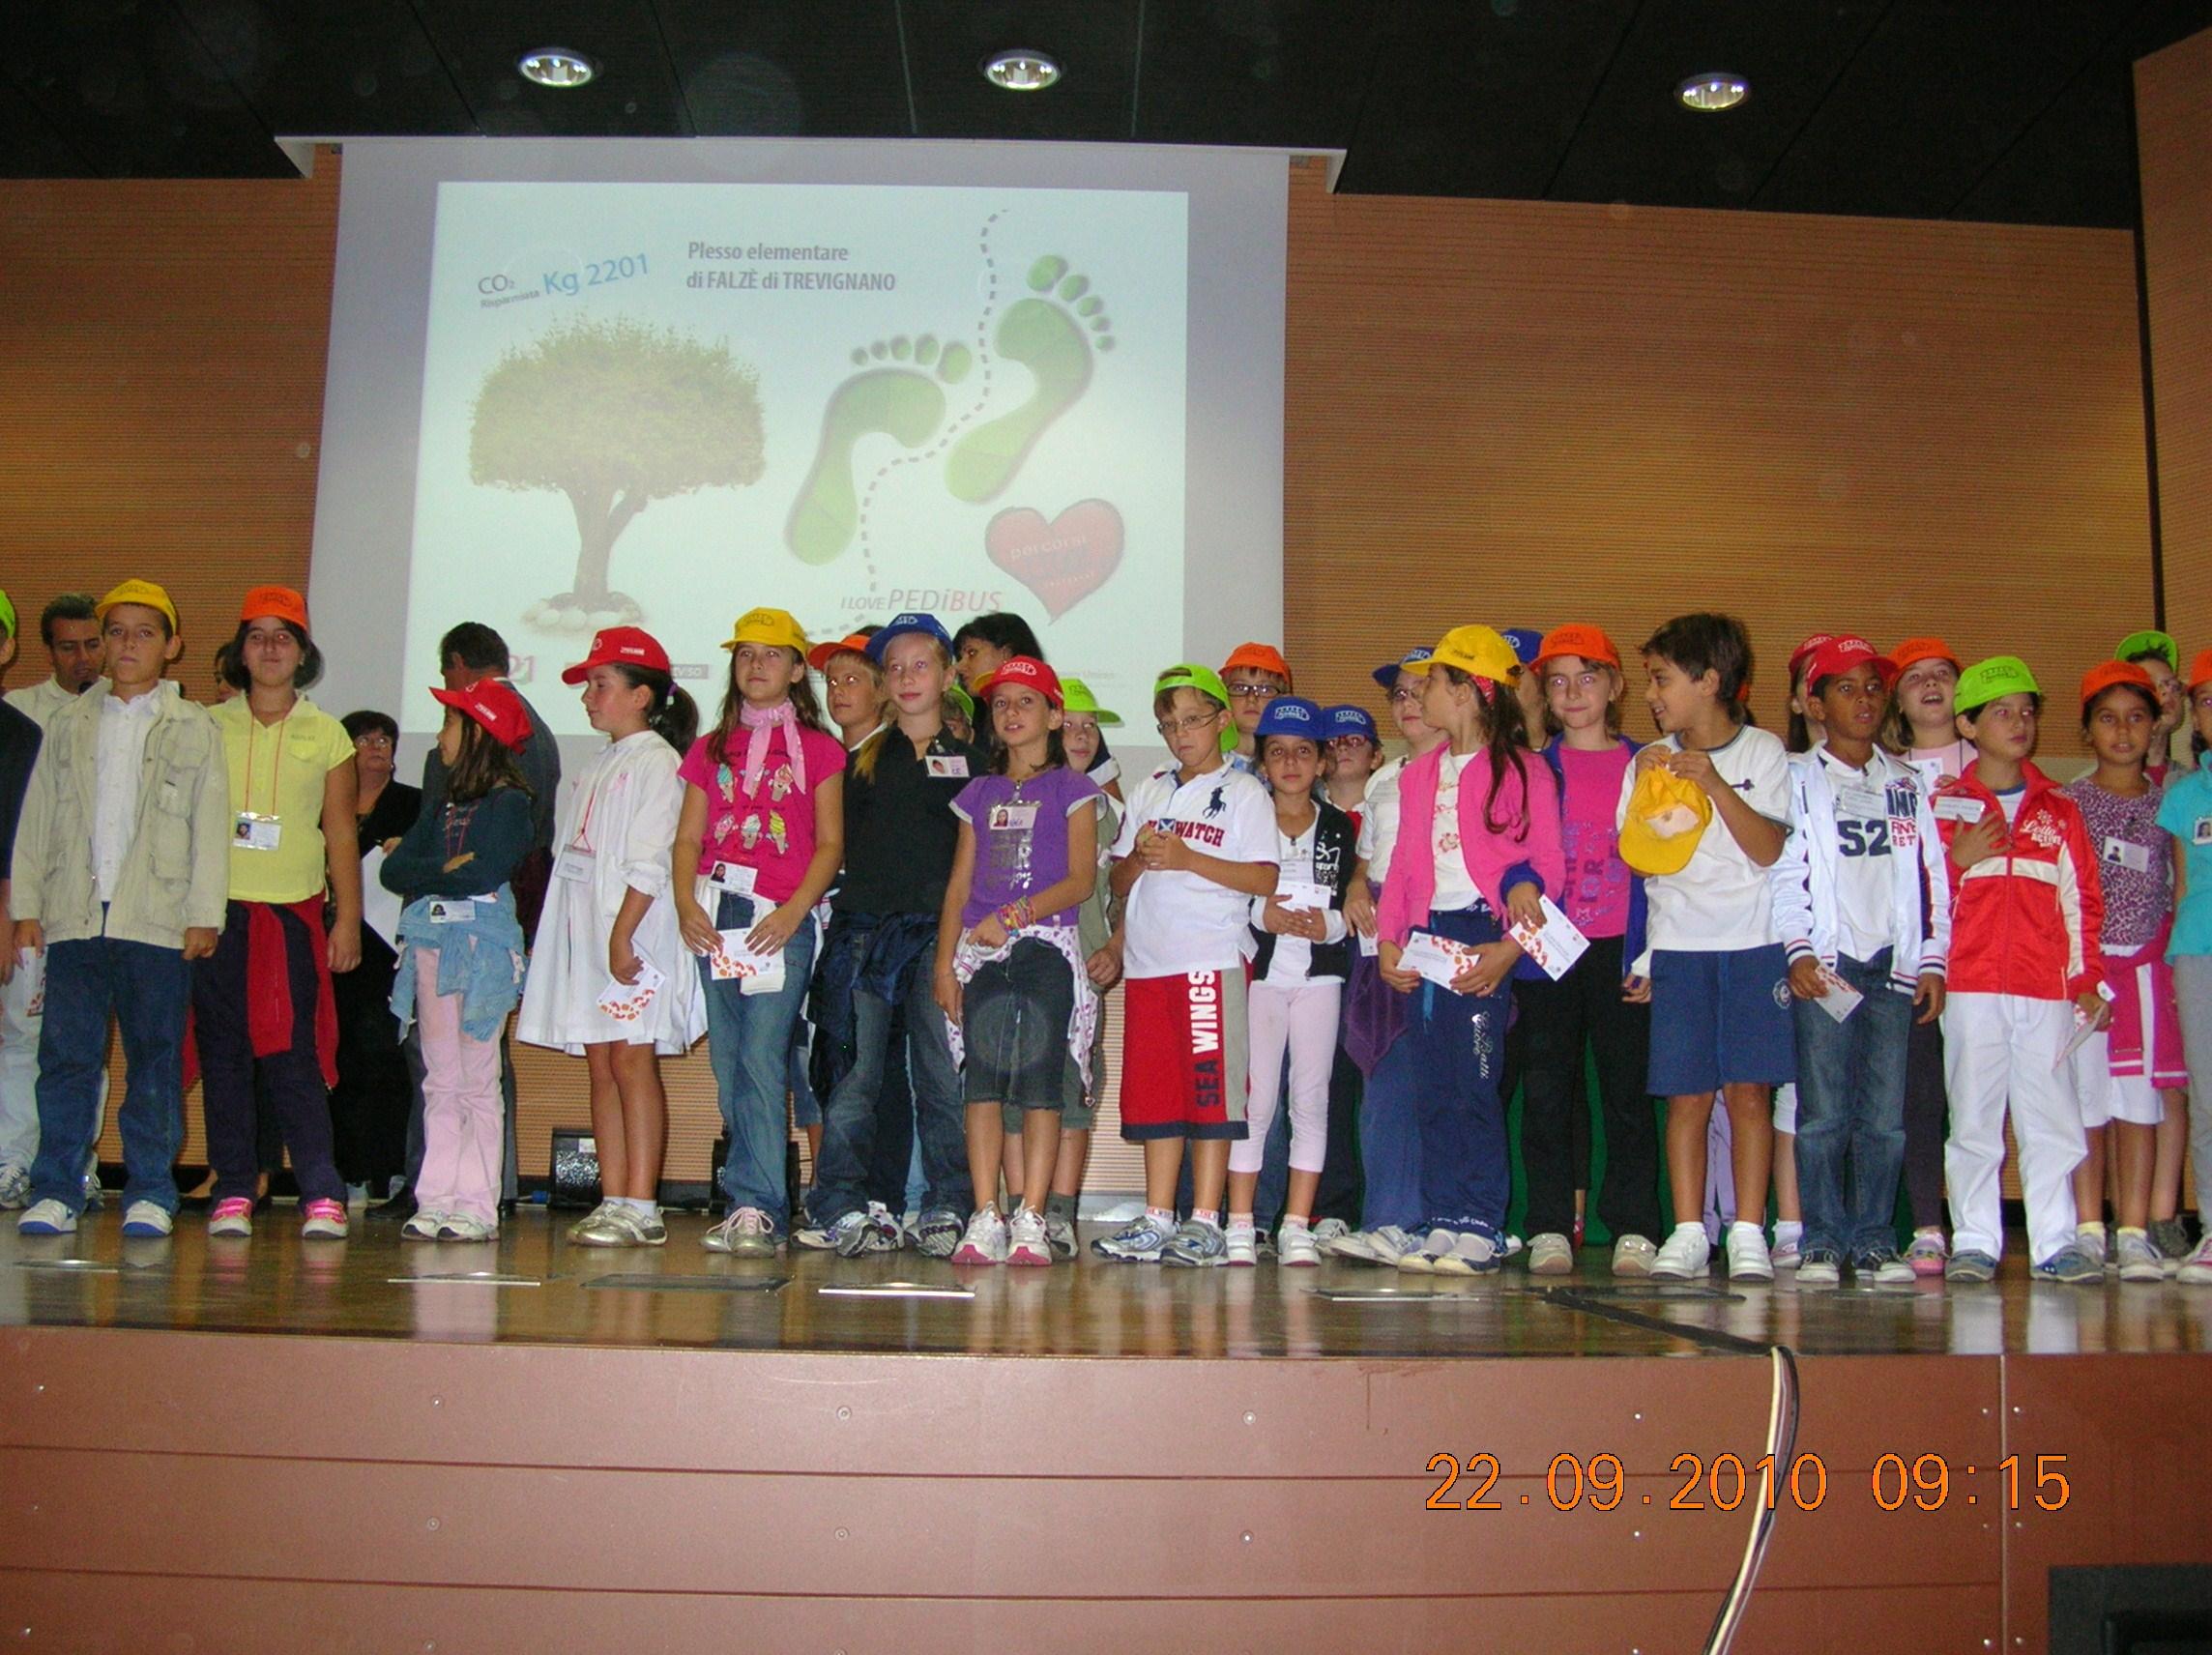 Giornata di premiazione_21 settembre 2010